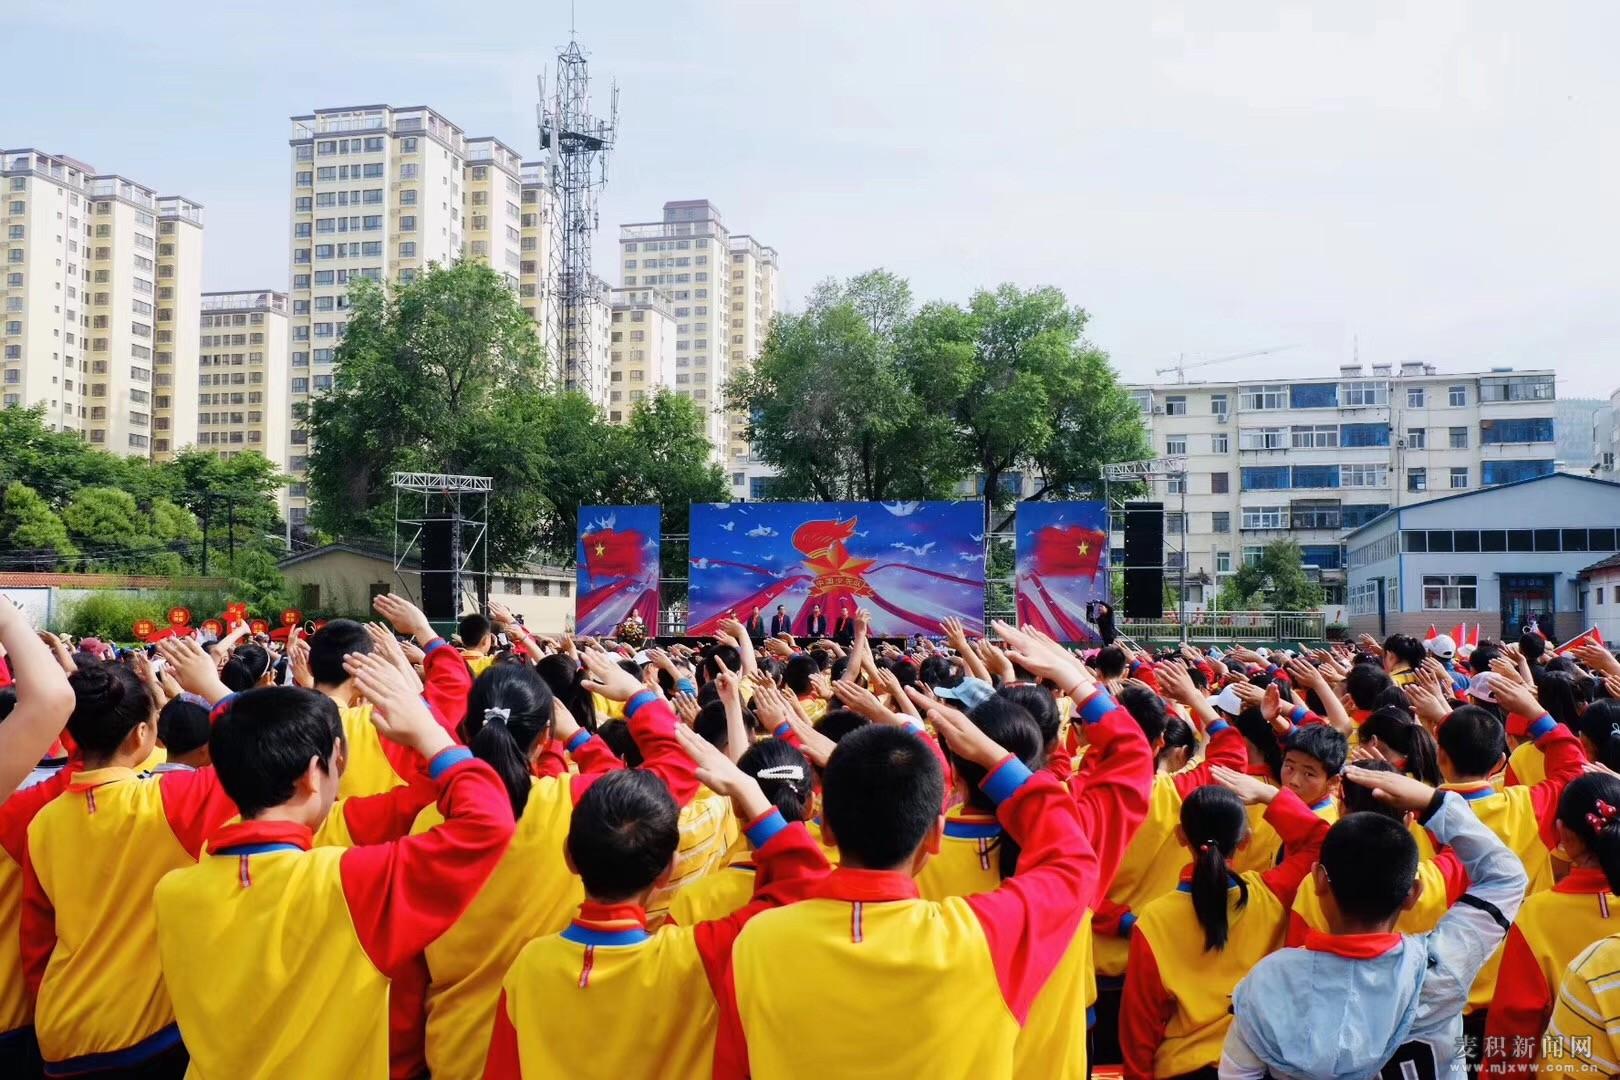 习近平总书记致中国少年先锋队建队70周年的贺信在麦积区引起强烈反响